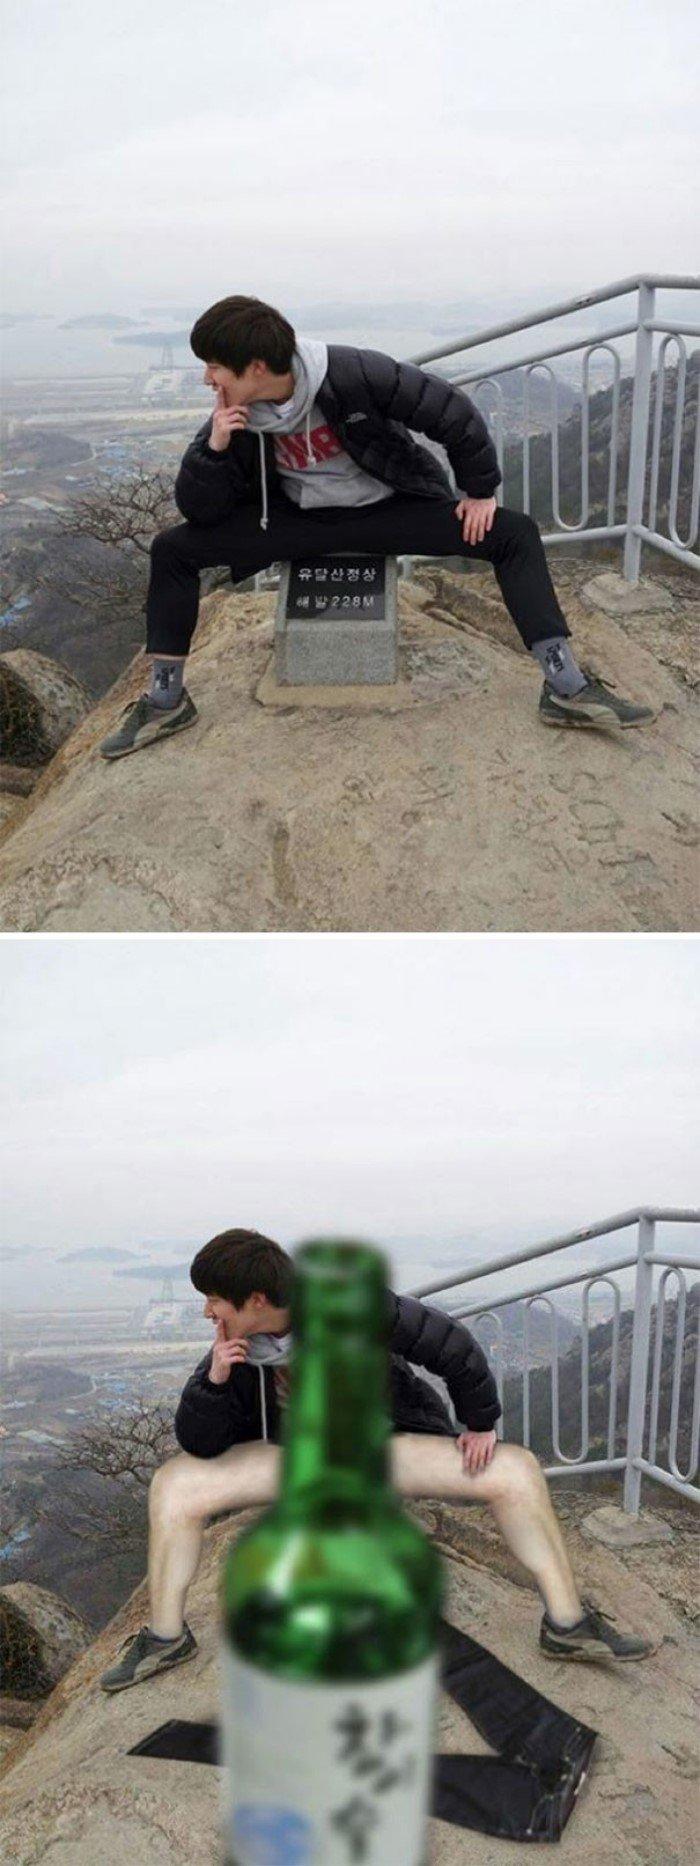 Забавный троллинг от корейских мастеров фотошопа